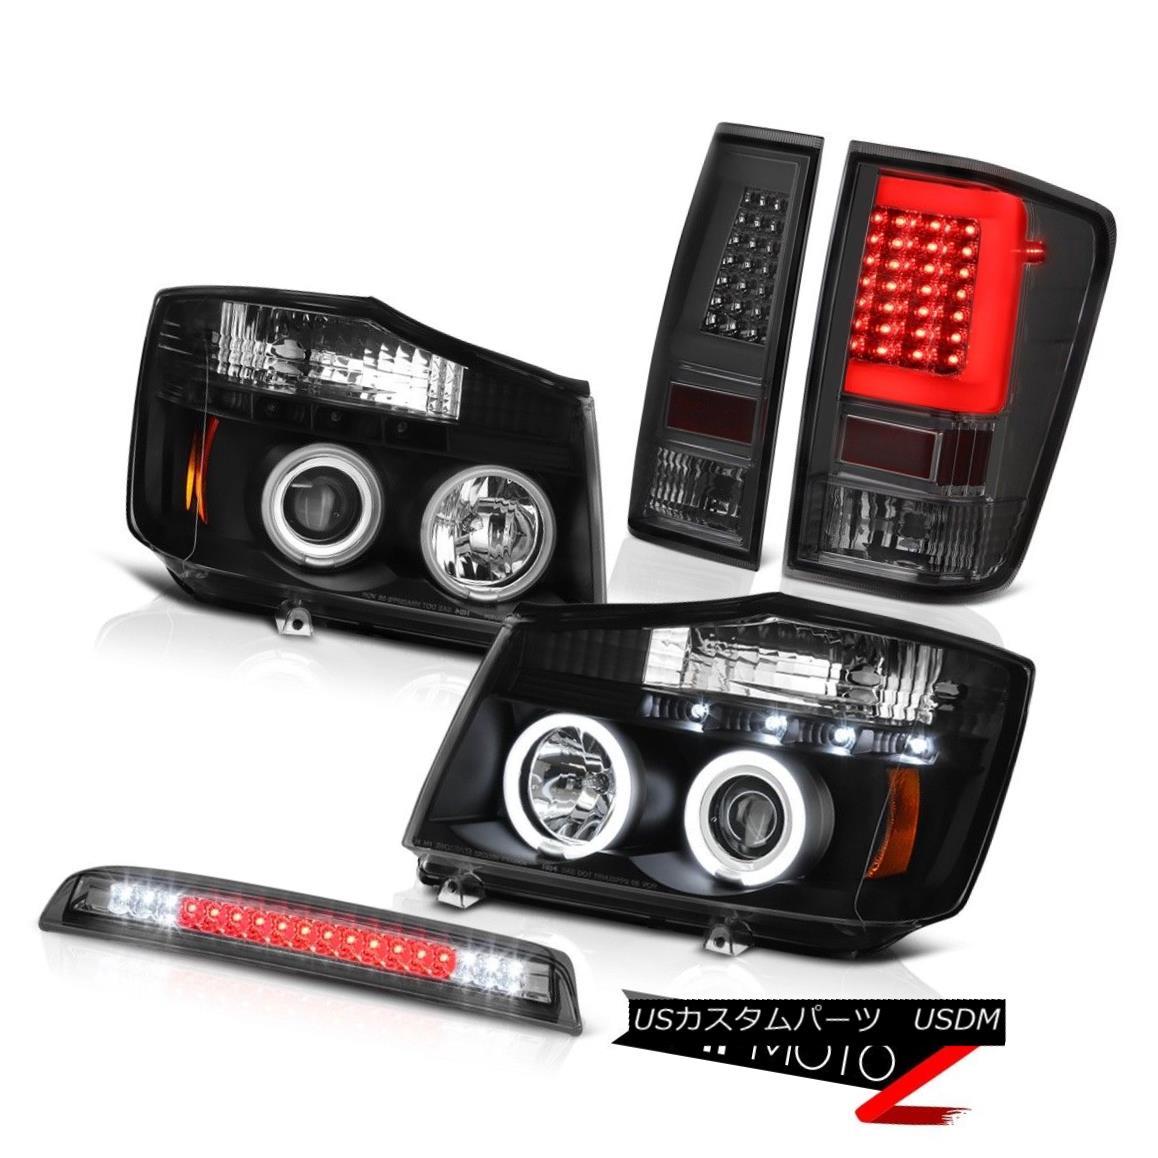 テールライト 04-14 For Nissan Titan 3Rd Brake Rear Nighthawk Black Projector Head Lamps Set 04-14日産タイタン用3Rdブレーキリアナイトホークブラックプロジェクターヘッドランプセット